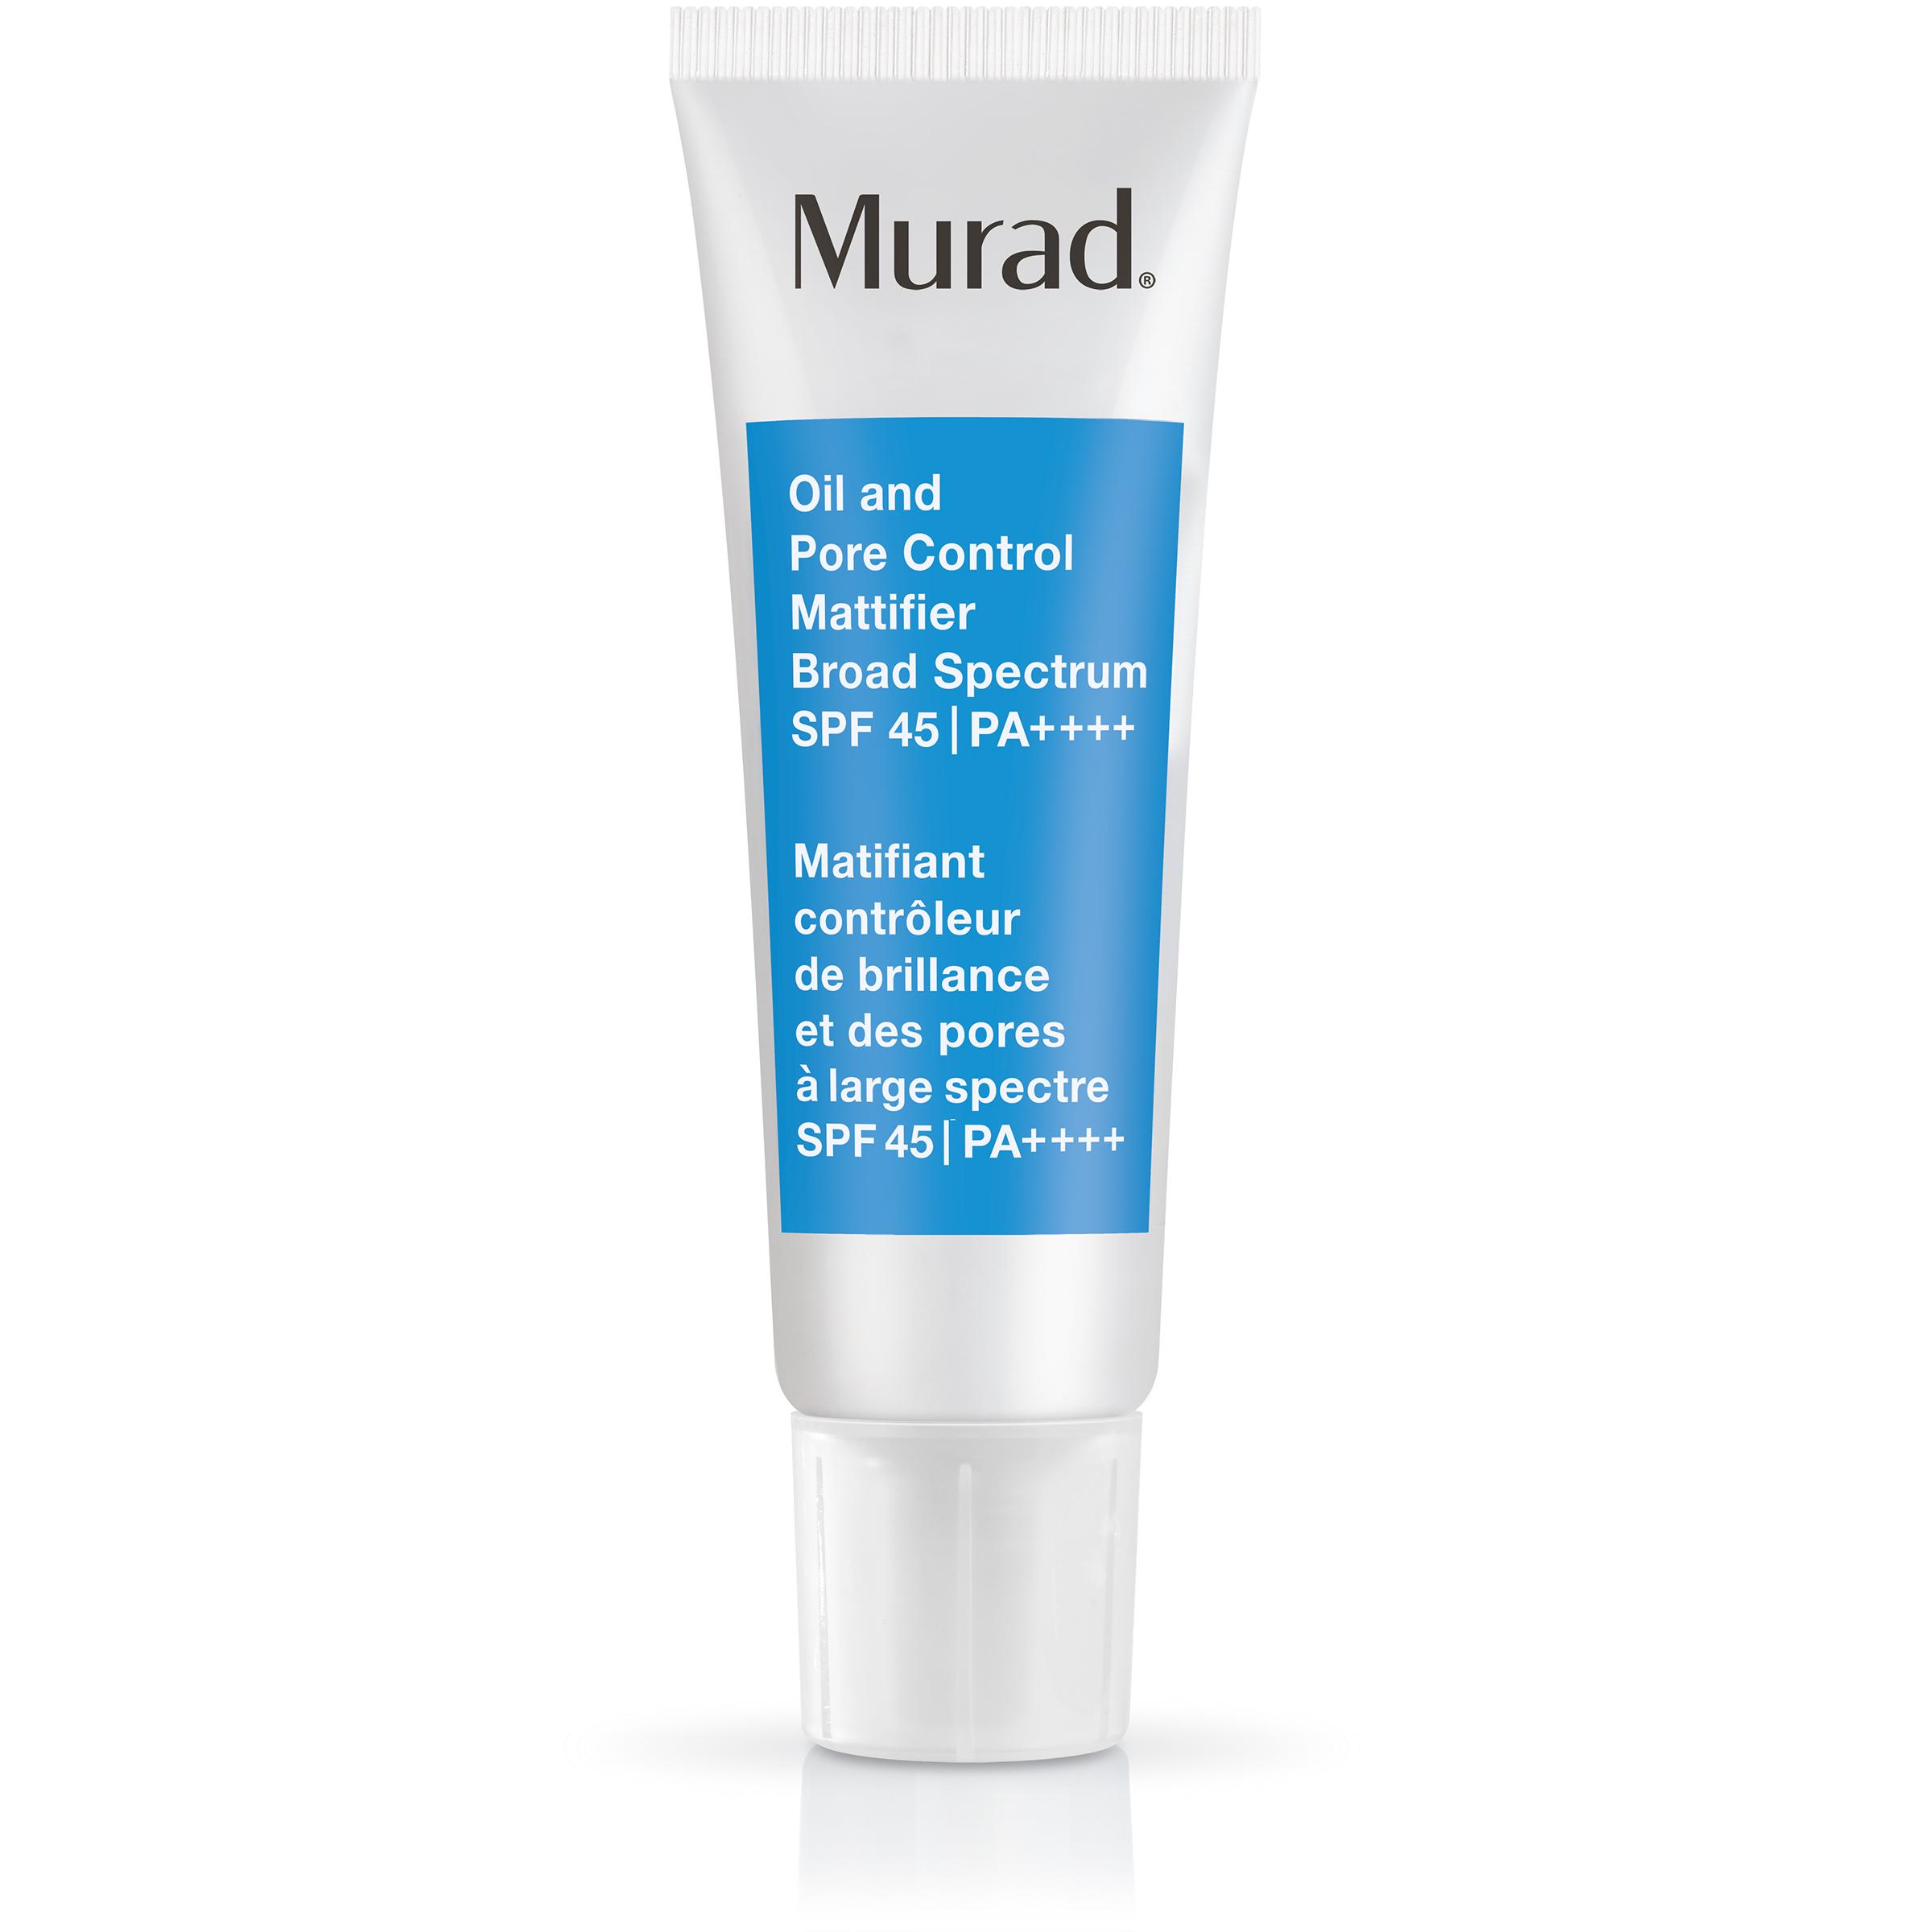 Murad Oil & Pore Control Mattifier SPF45, 50 ml